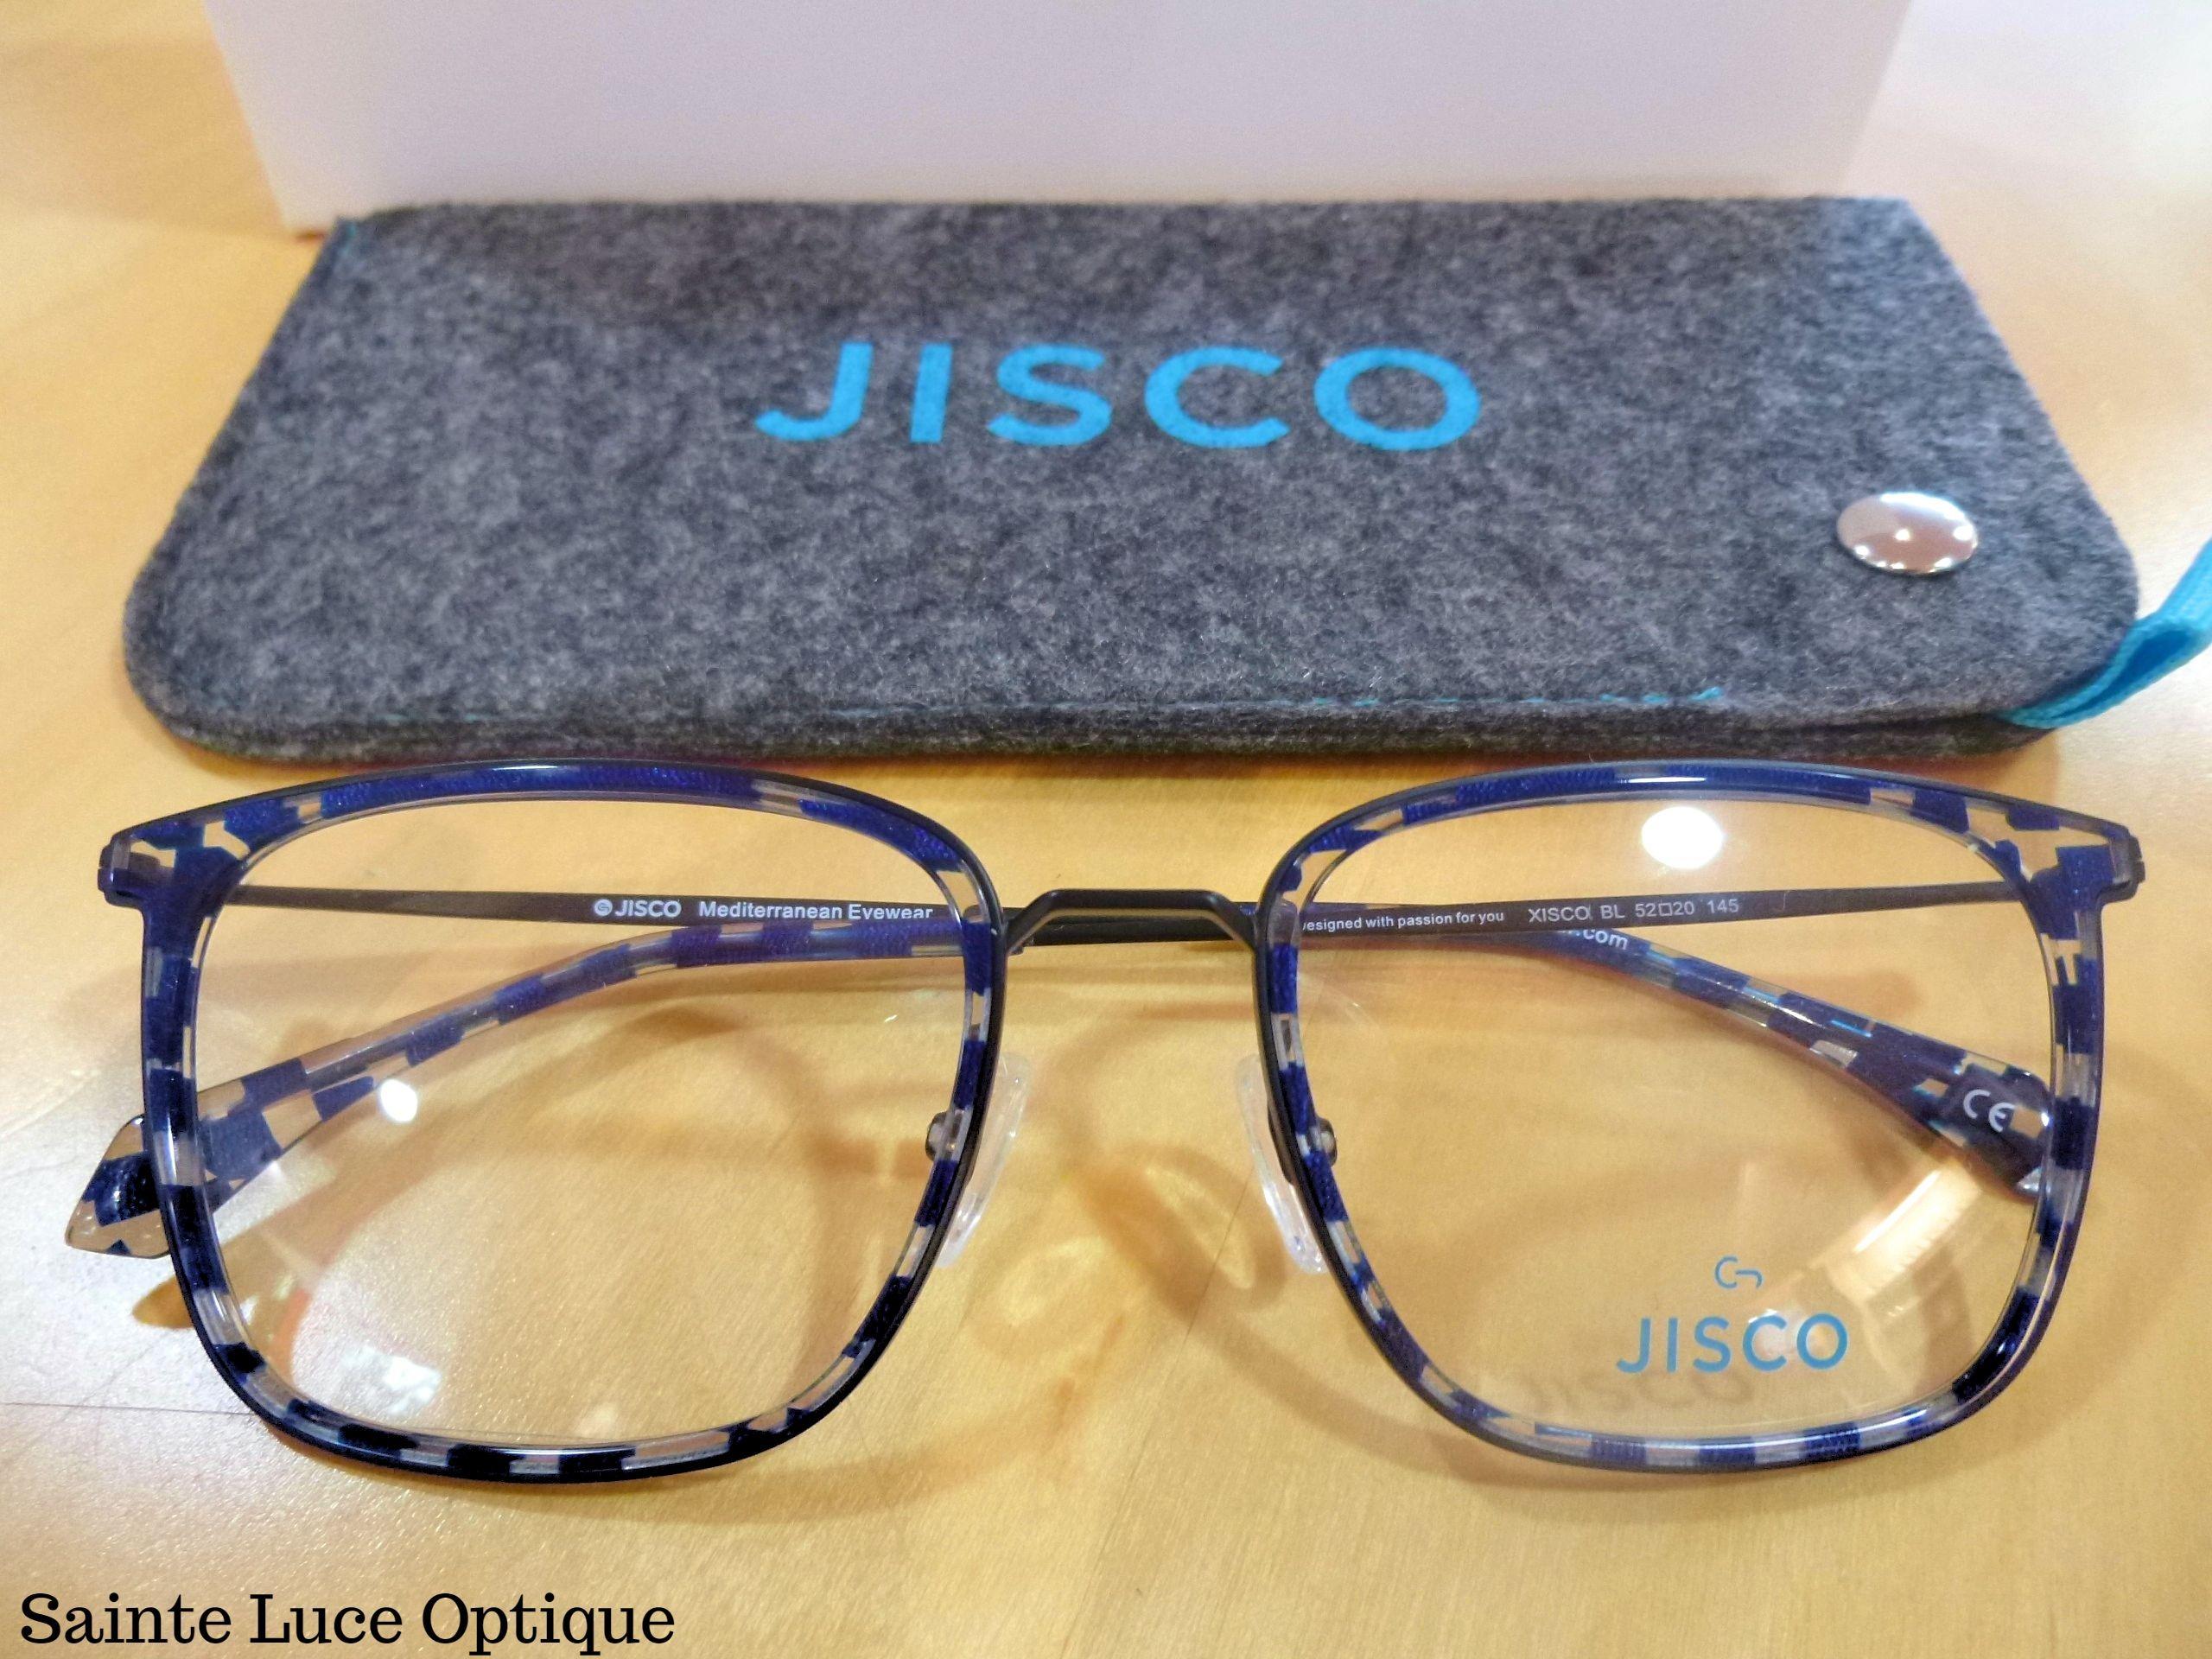 Jisco: la nouvelle collection à découvrir à Sainte Luce Optique!